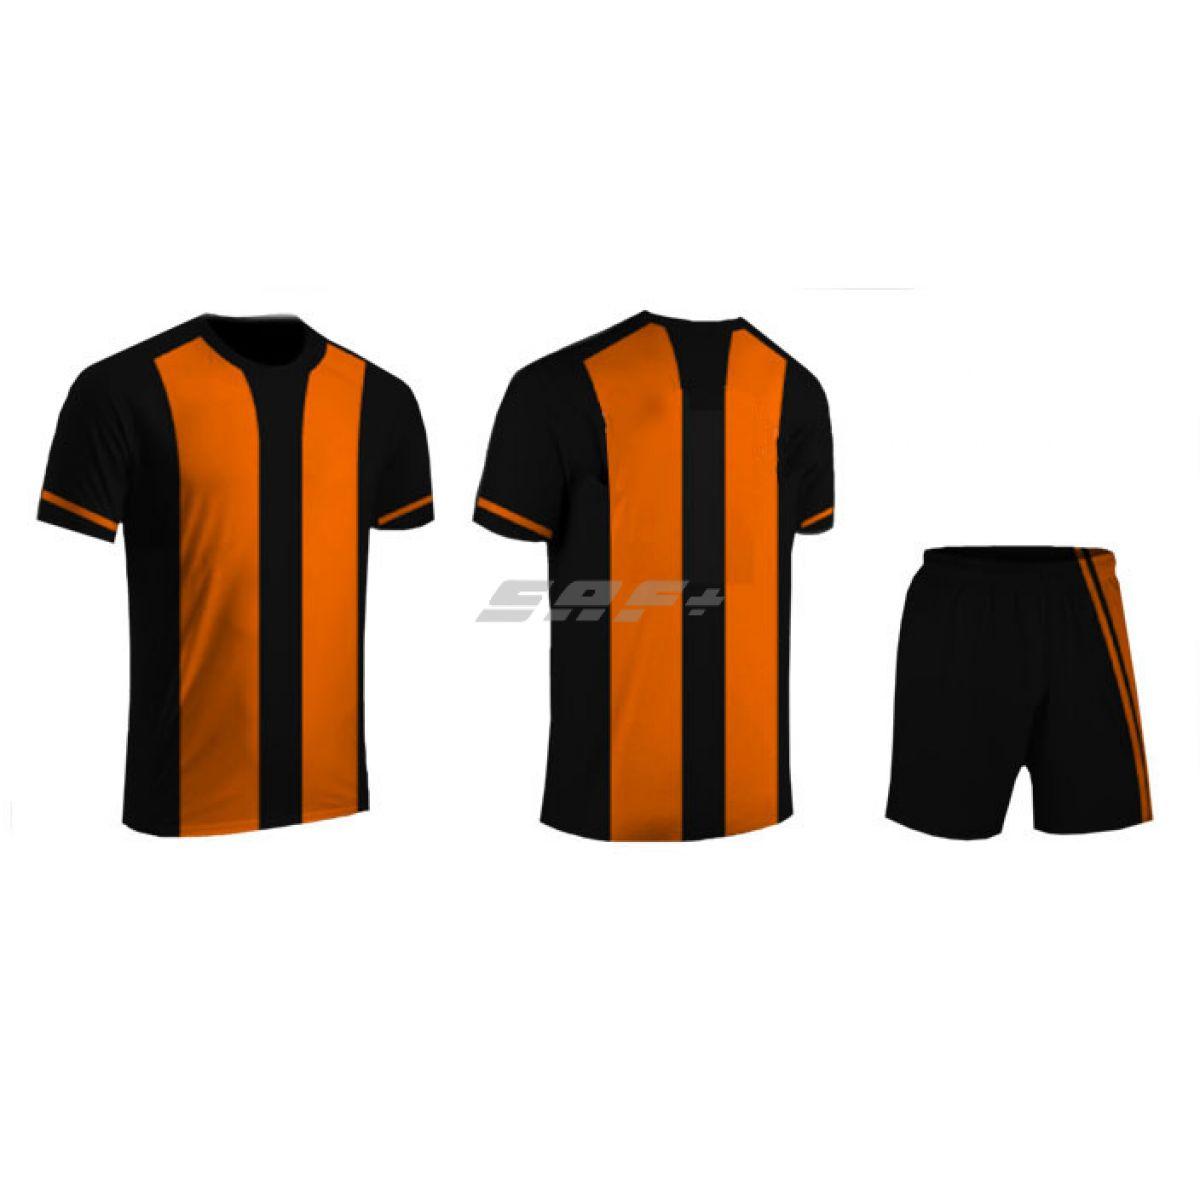 Стильная и практичная футбольная форма высочайшего качества на заказ. a6d422627e4